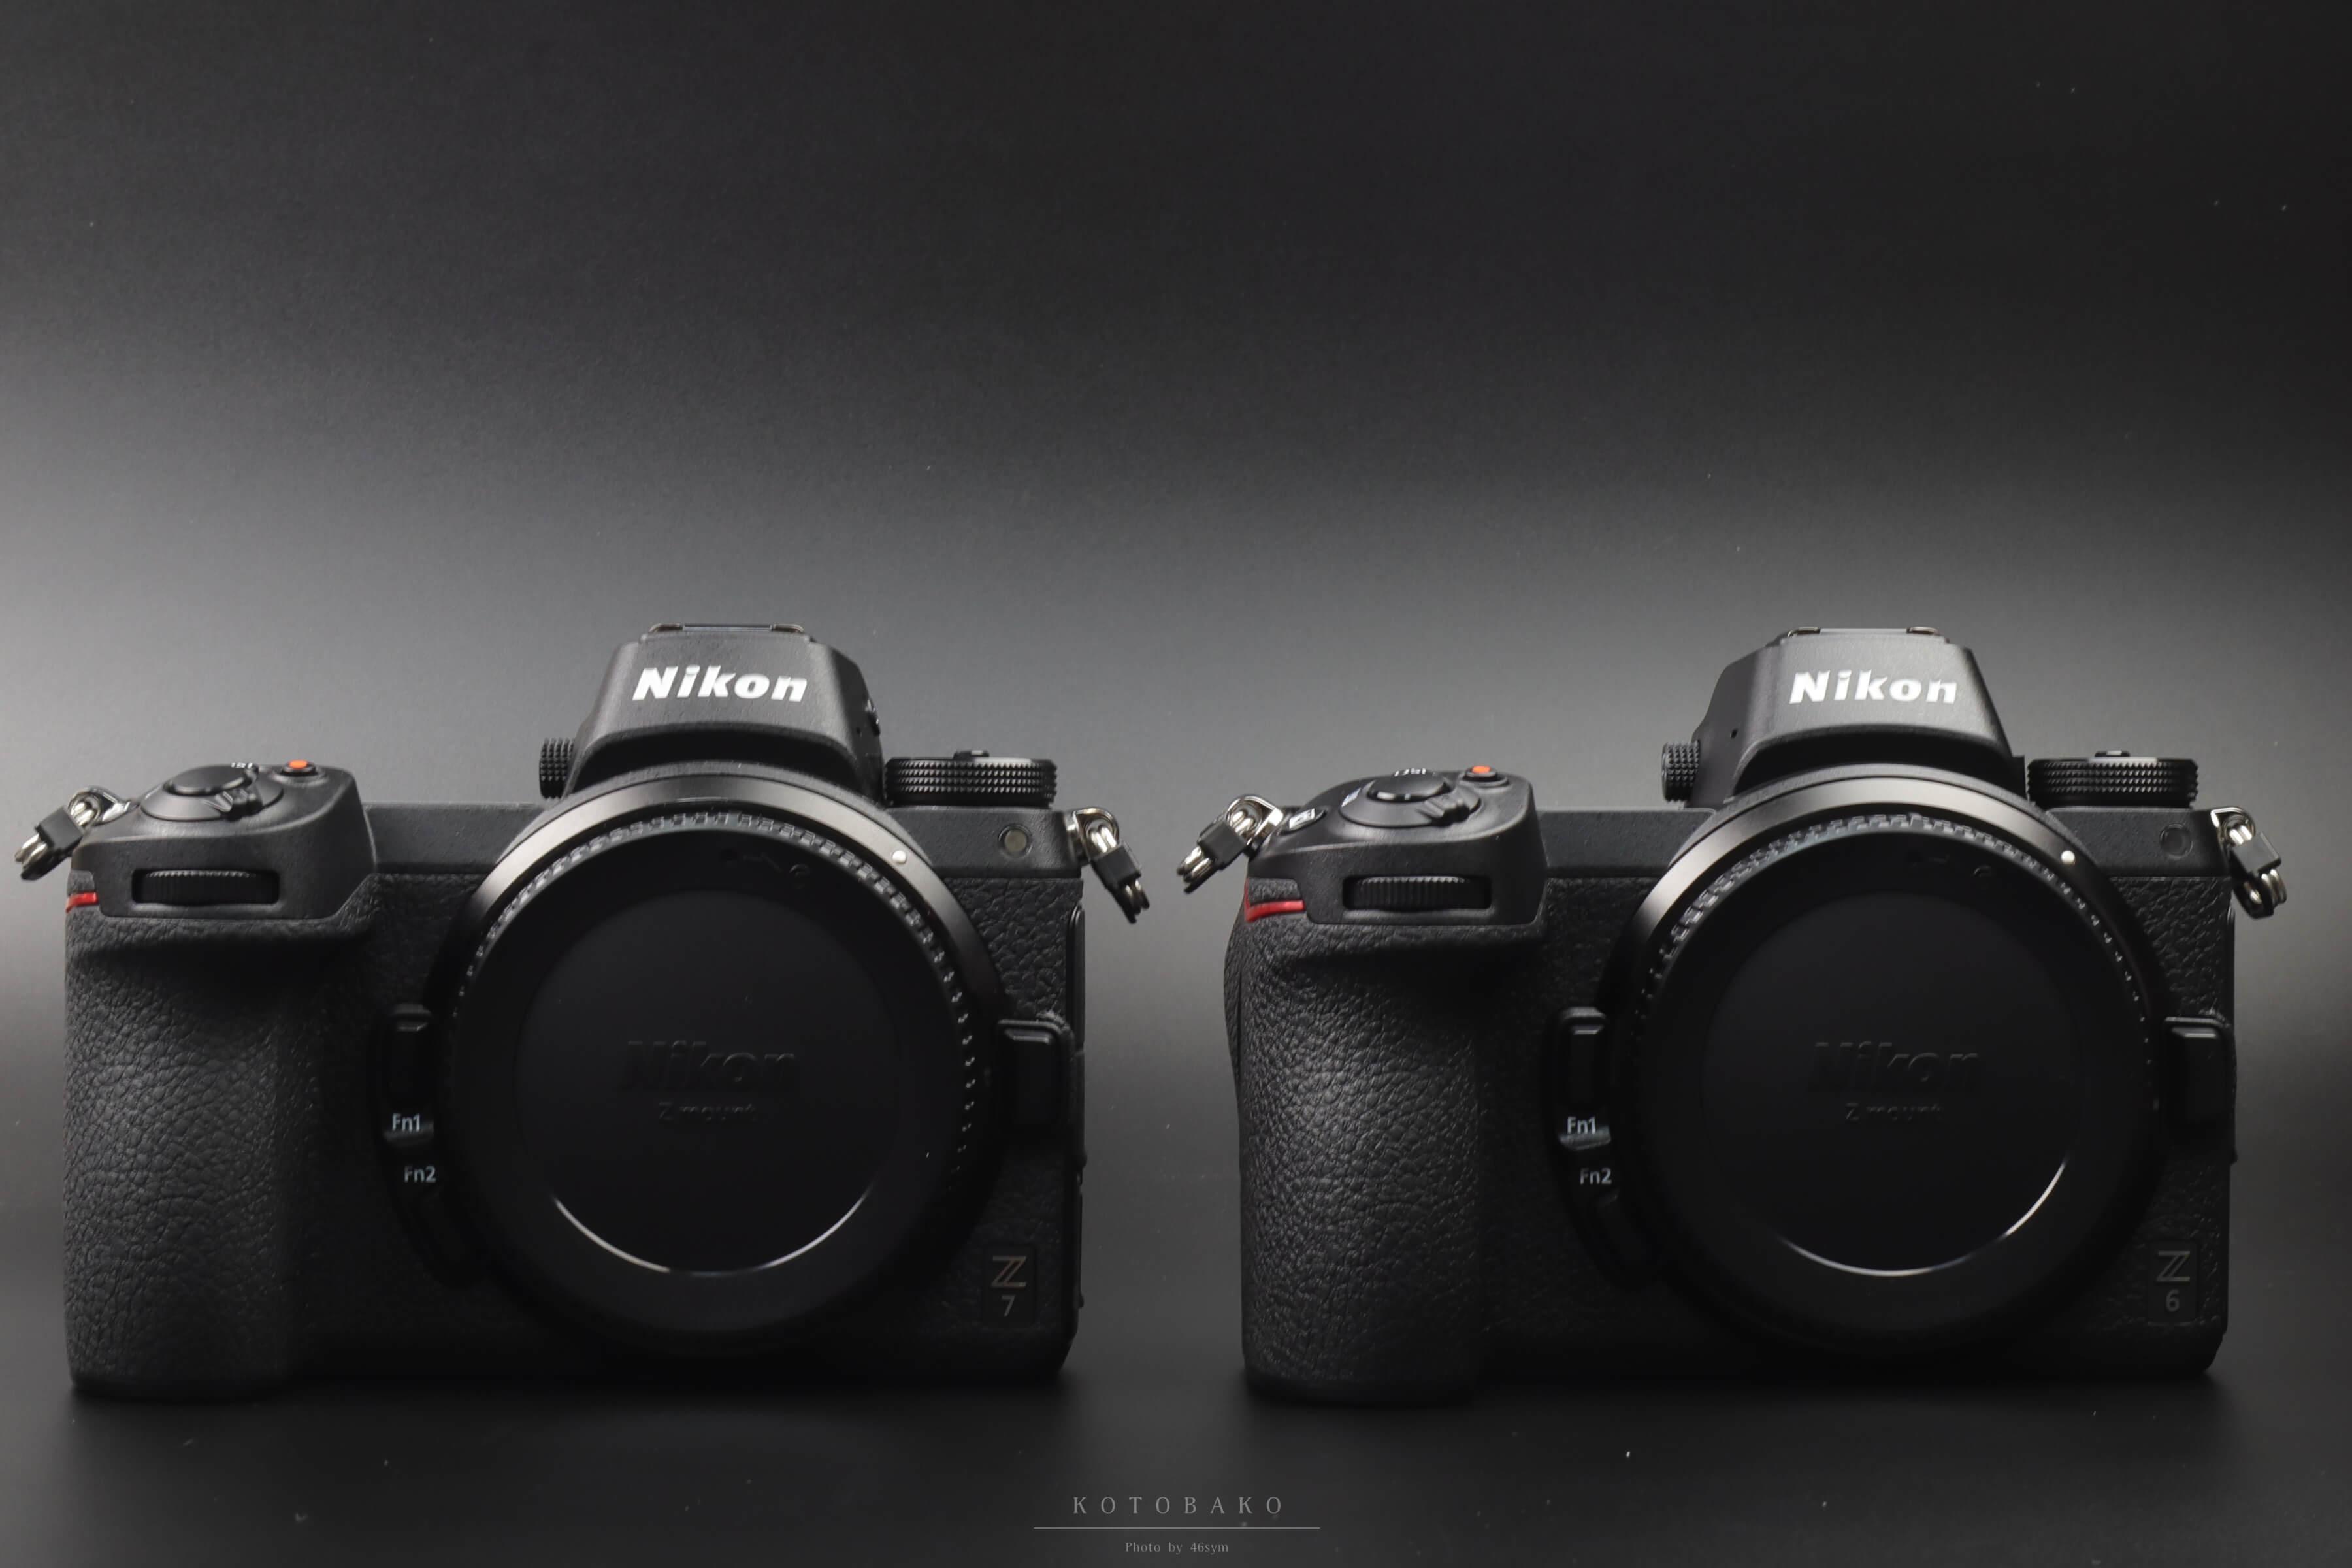 サブカメラに対する二種類の考え方